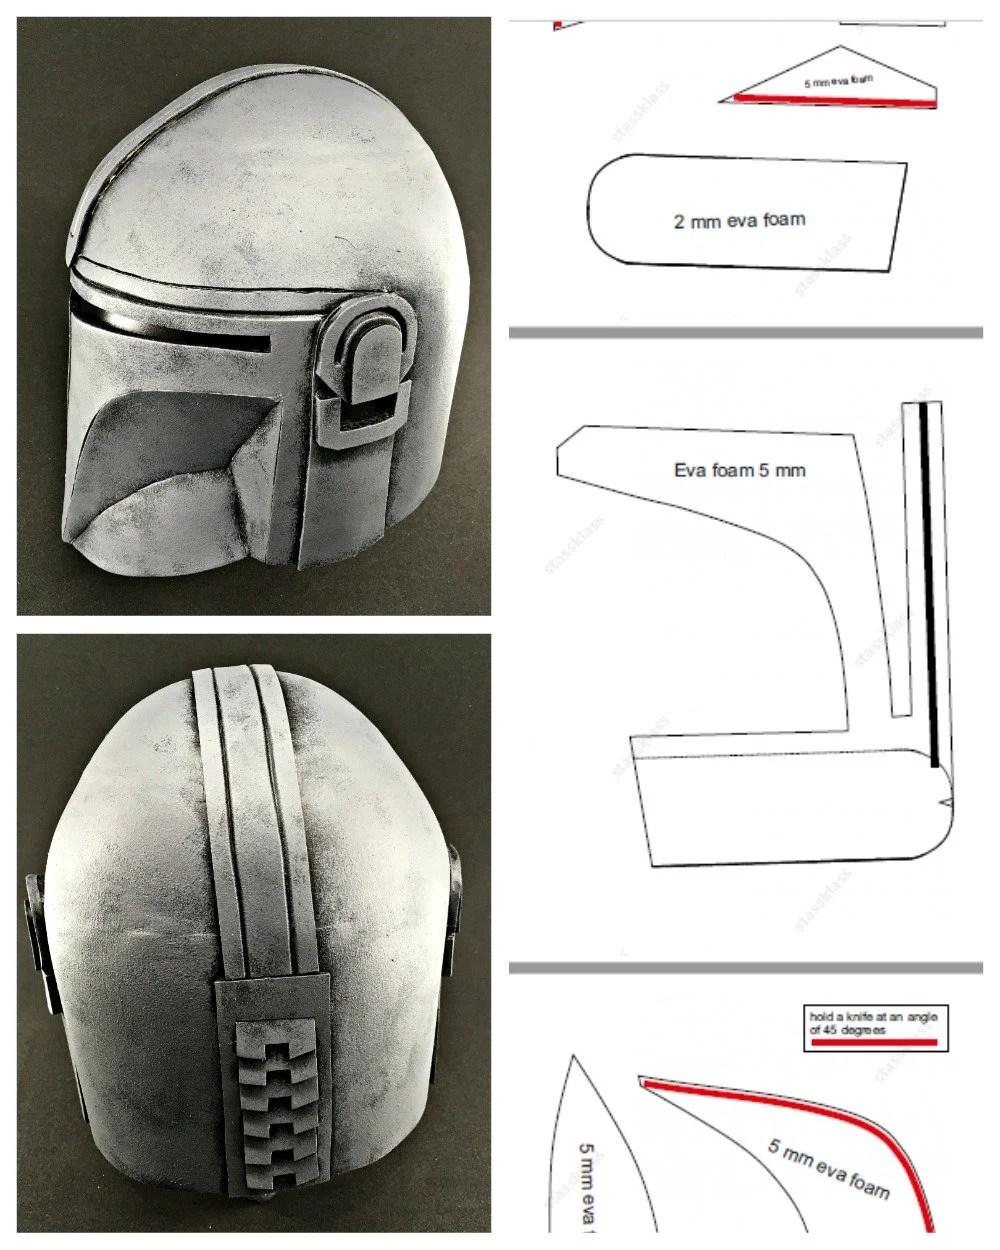 Mandalorian Helmet Pattern : mandalorian, helmet, pattern, Mandalorian, Inspired, Helmet, Template, Cosplay